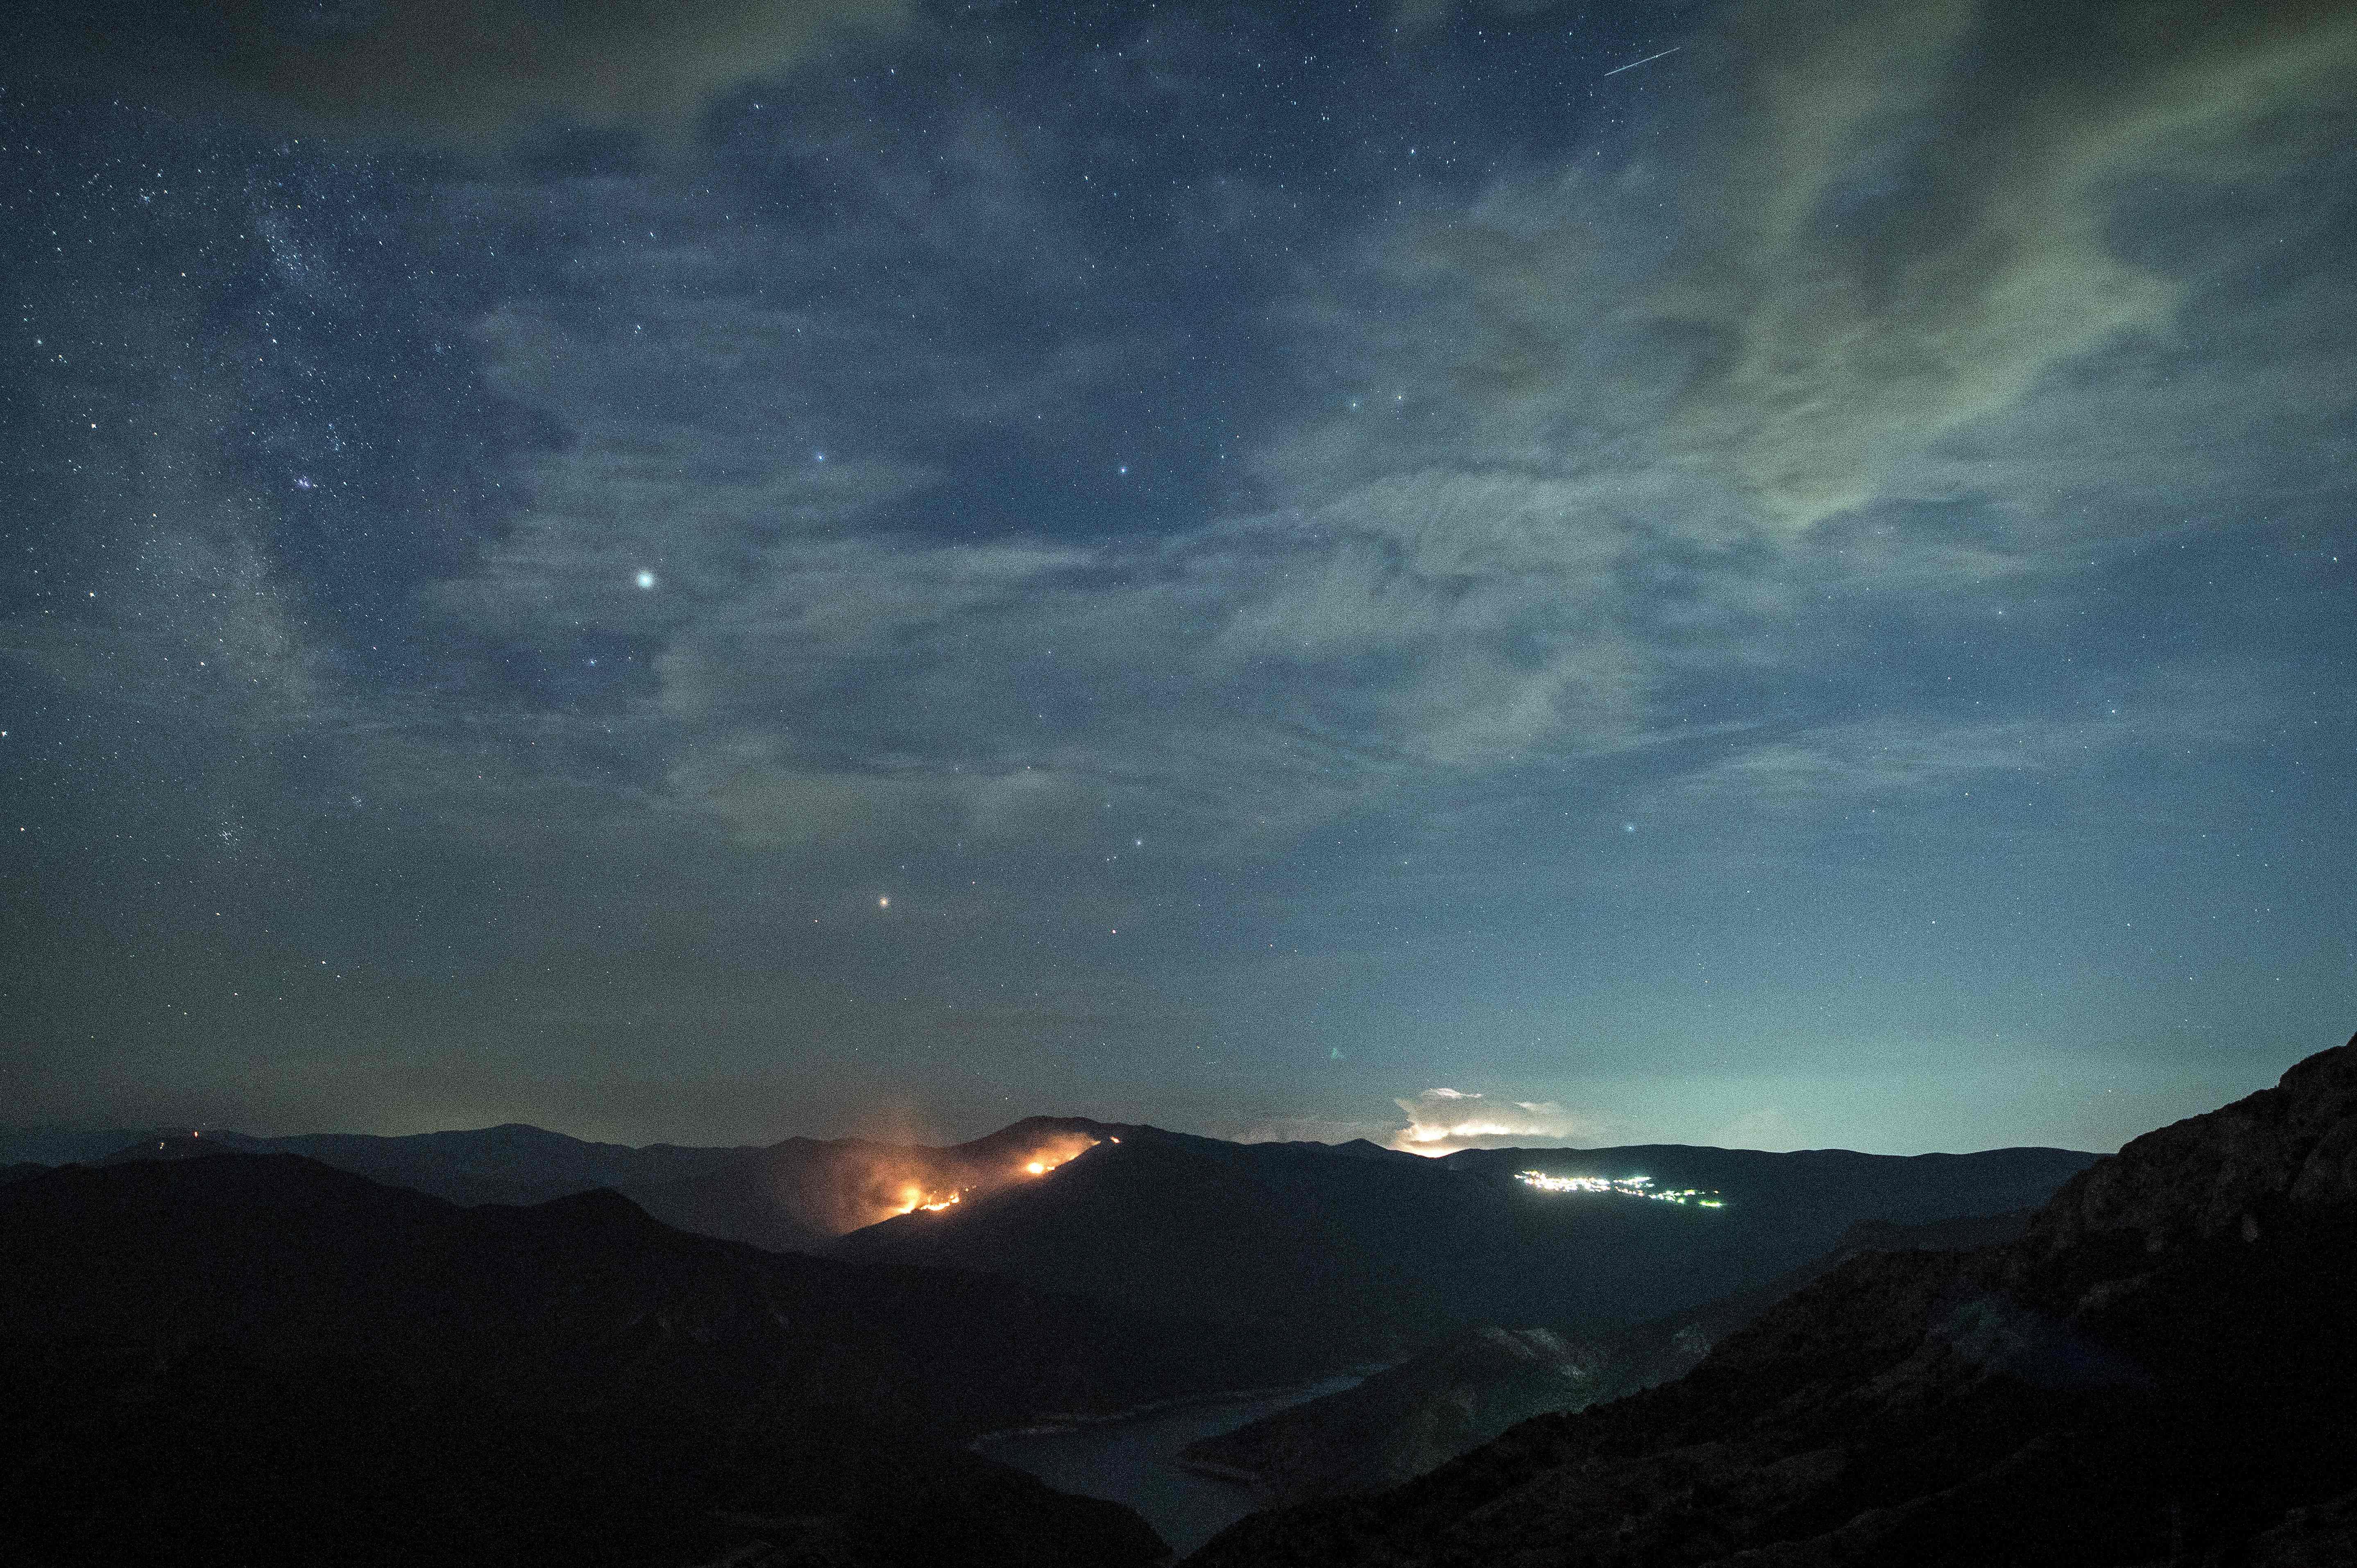 حريق جراء اصطدام النيزك بالأرض